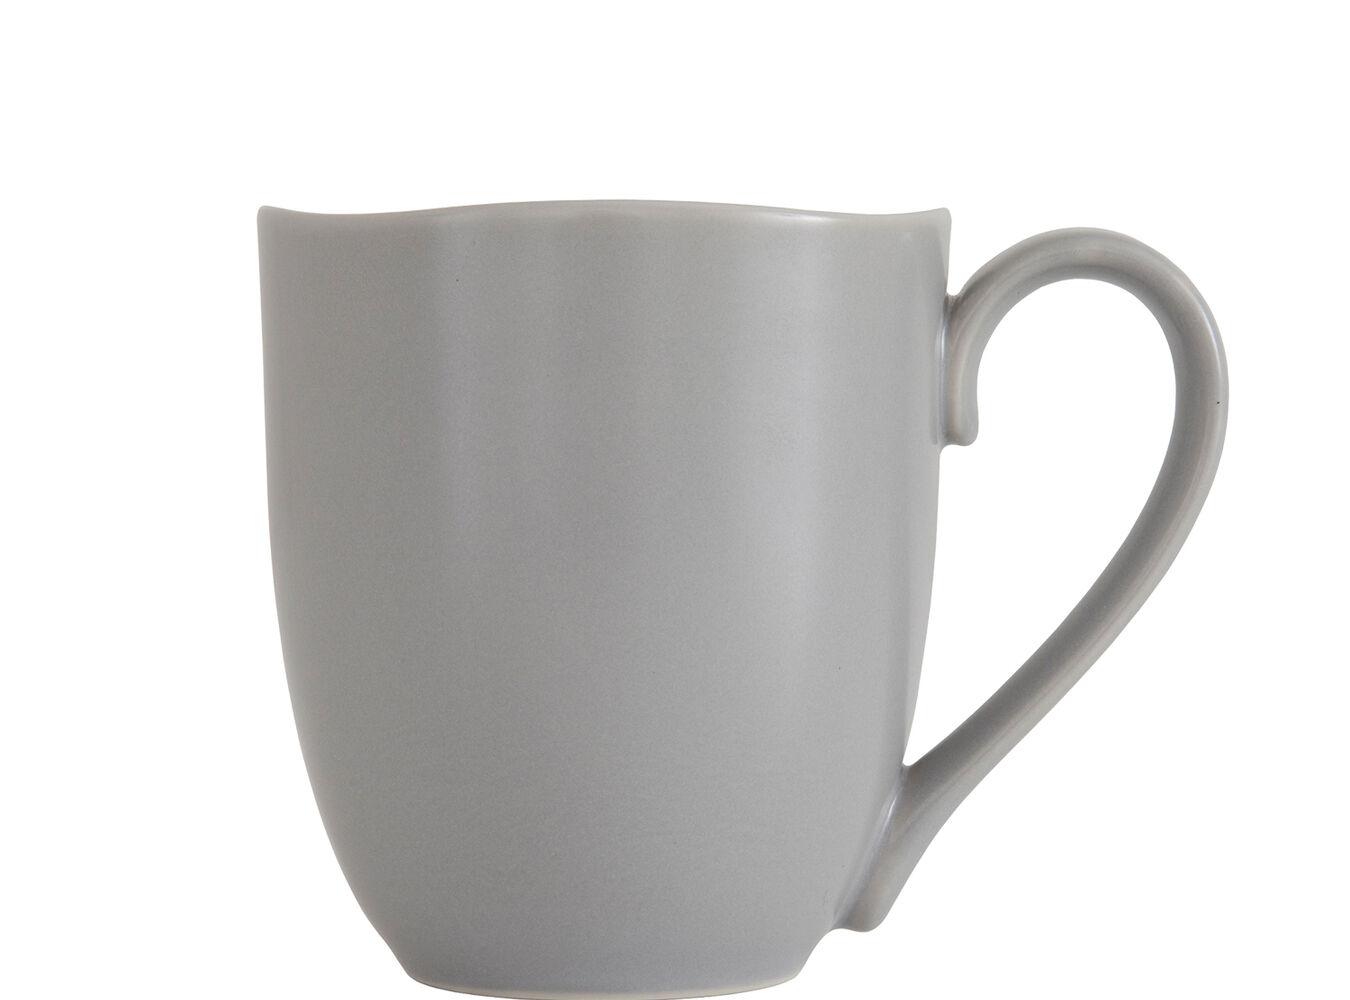 Fortessa Heirloom Mugs, Set of 4 | Sur La Table